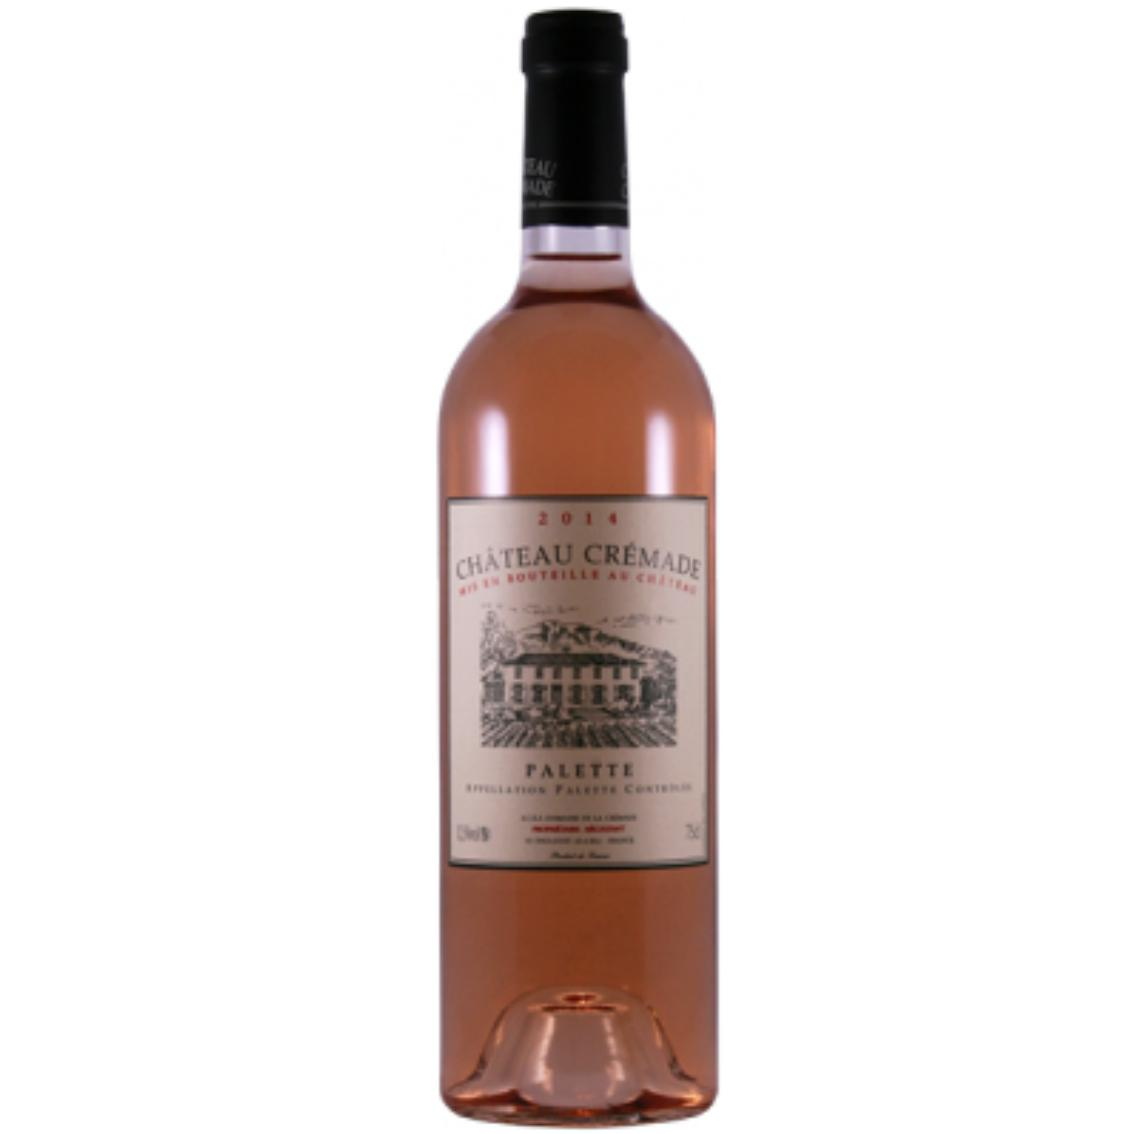 2016 Chateau Cremade Rosé - Palette